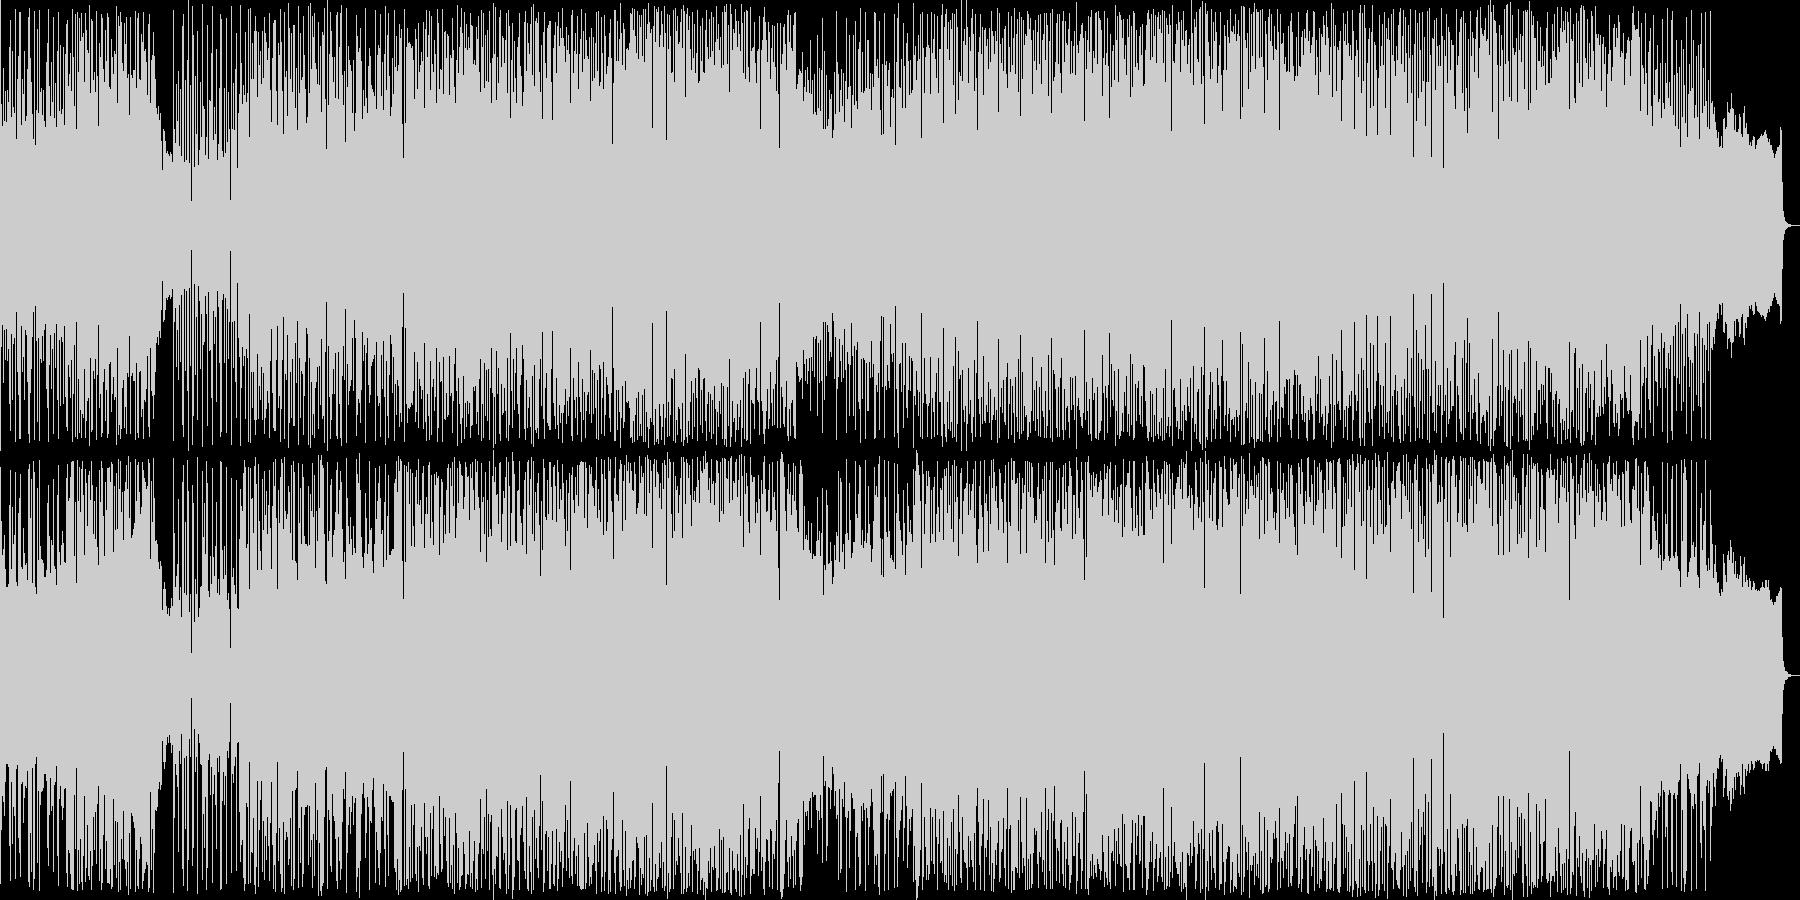 リズムマシンの音色が心地よいバラードの未再生の波形